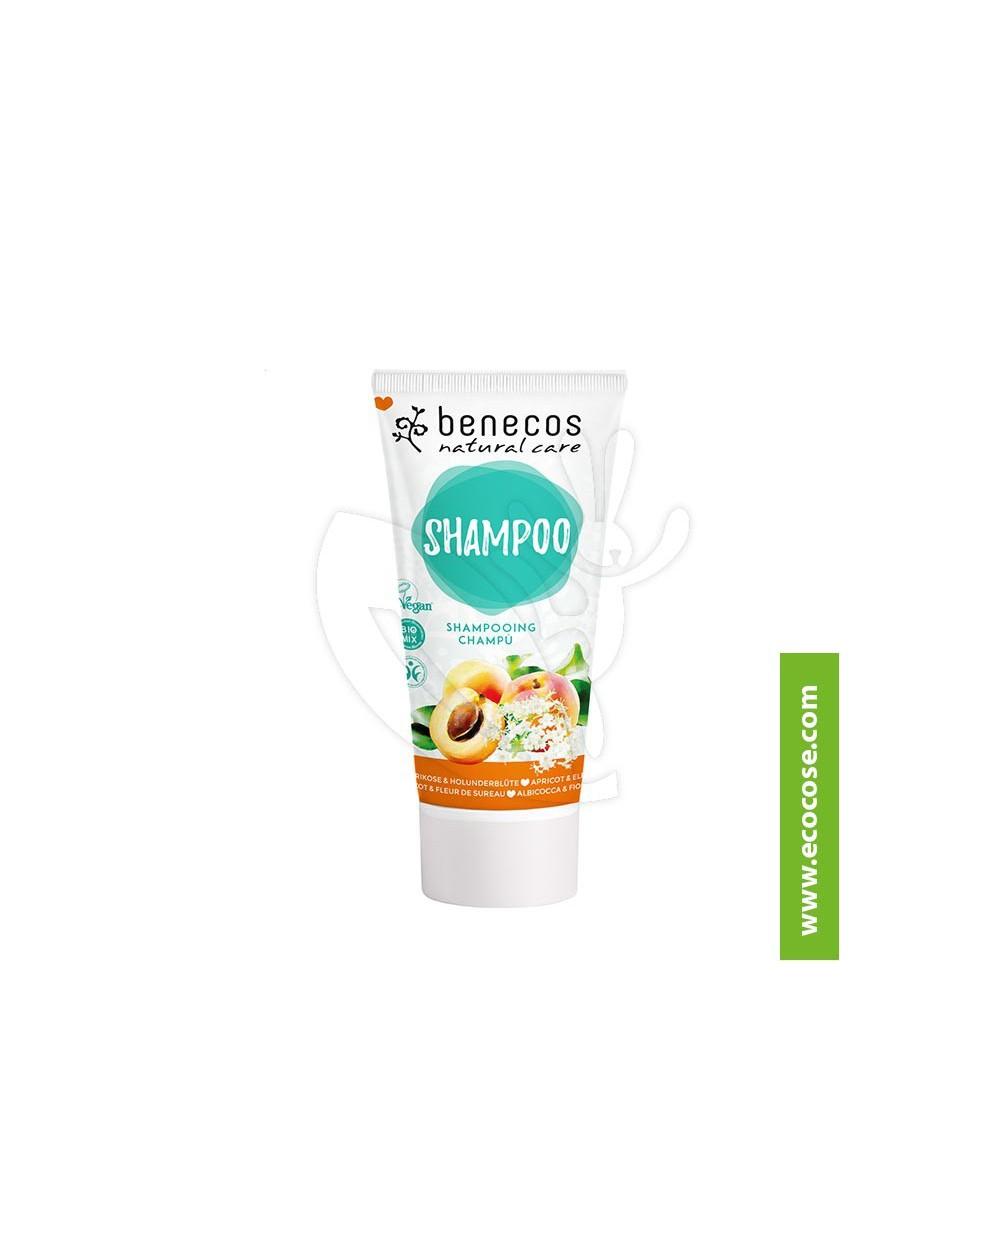 Benecos - Natural Care - Shampoo - Albicocca e Fiori di Sambuco